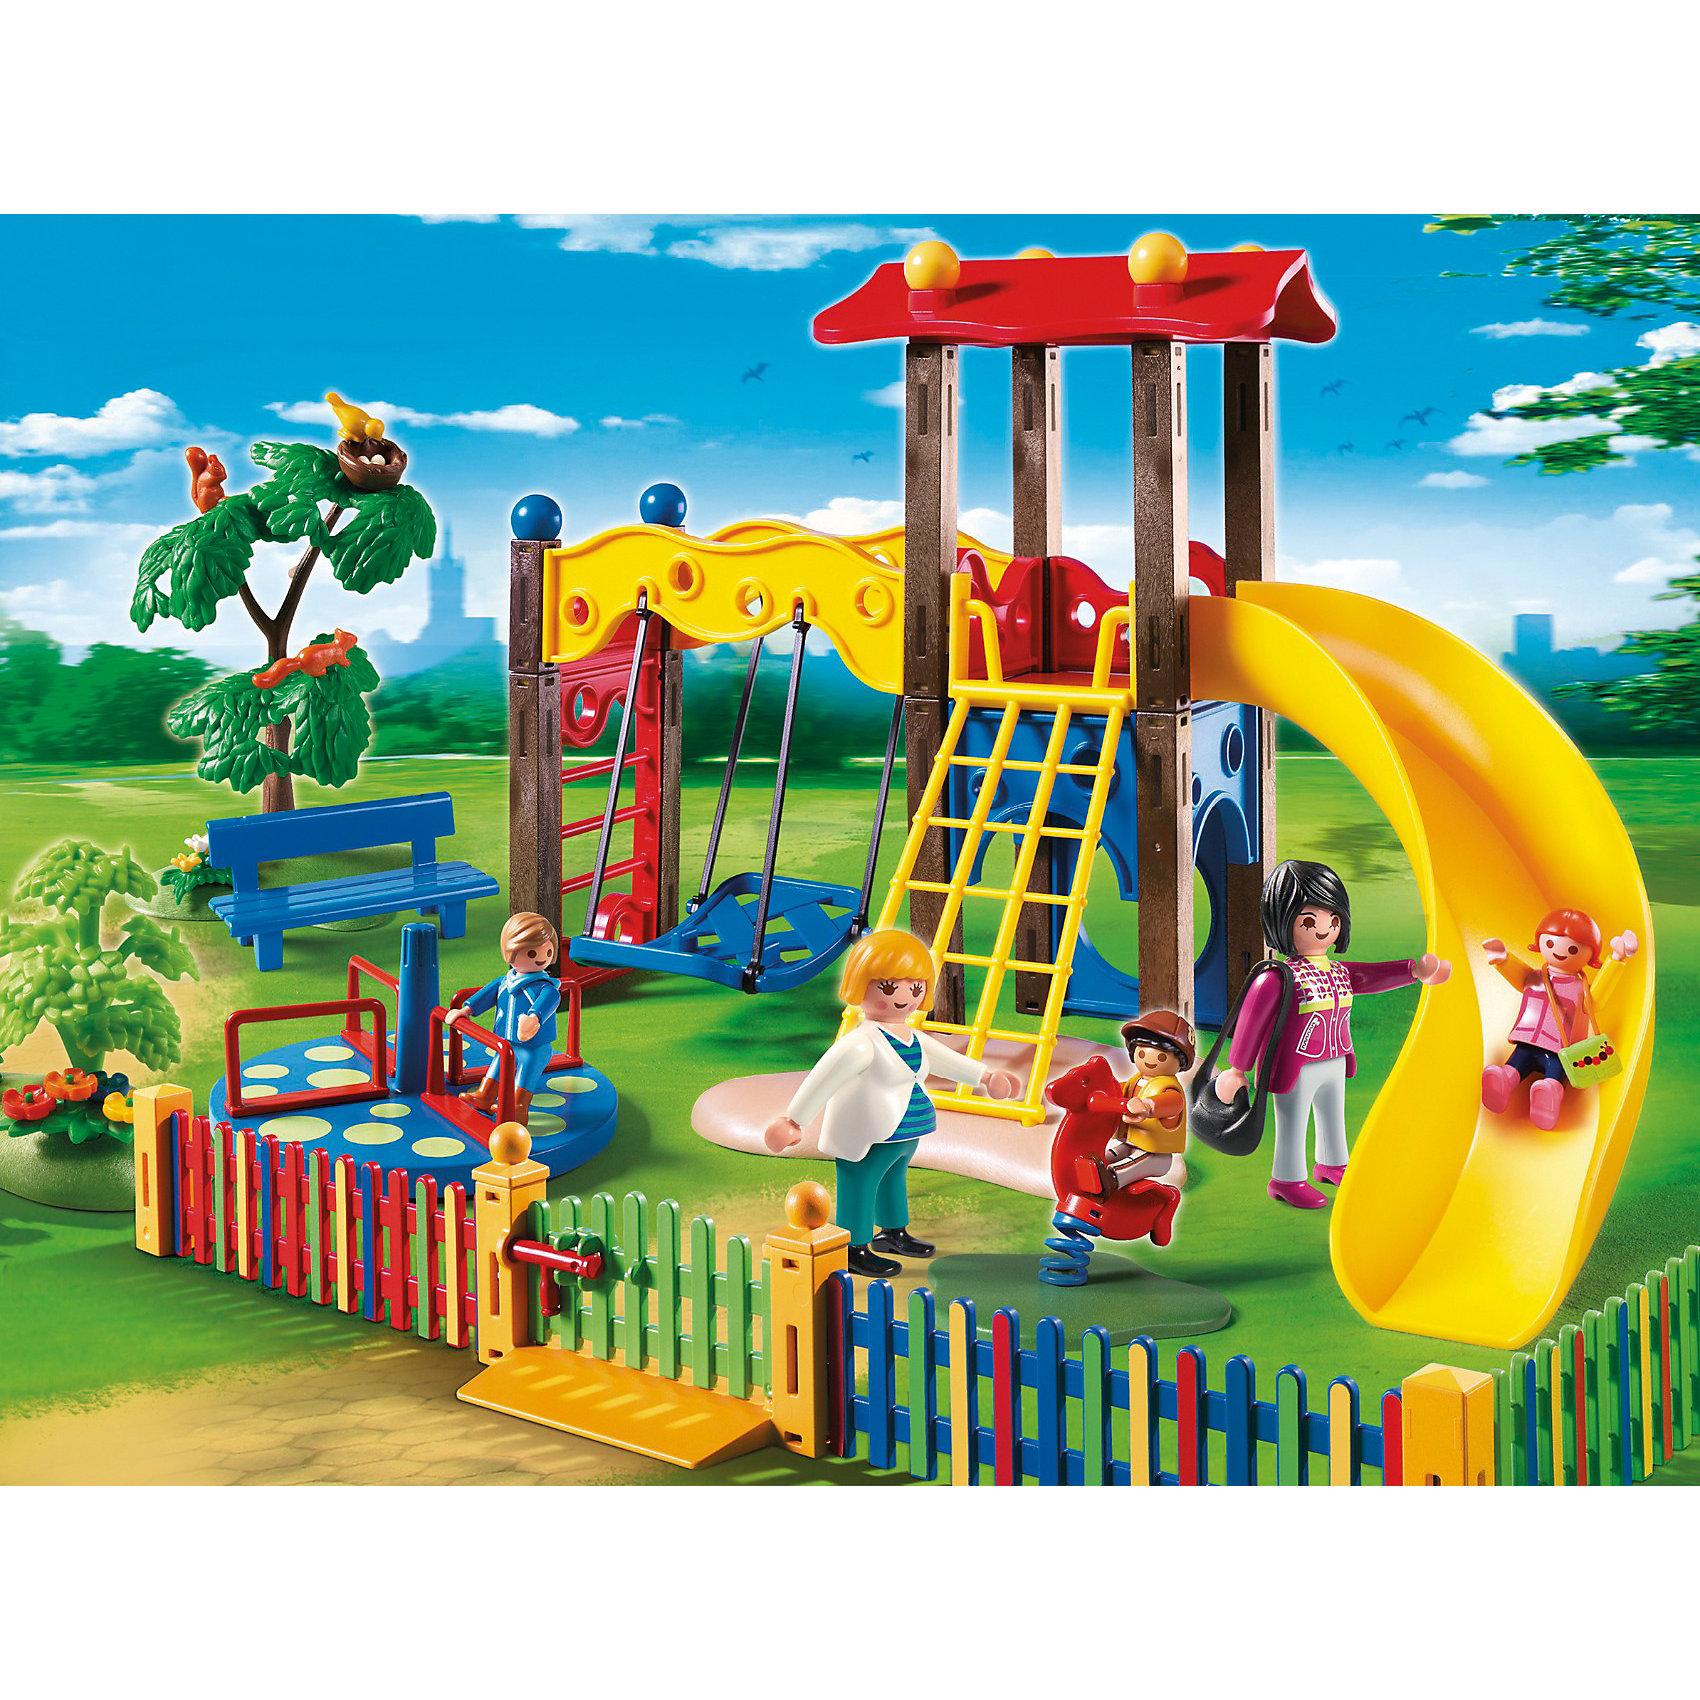 Детский сад: Игровая площадка, PLAYMOBILКонструктор PLAYMOBIL (Плеймобил) 5568 Детский сад: Игровая площадка - находка для заботливых родителей! Конструктор Вашего крохи должен быть именно таким: красочным, безопасным и очень привлекательным. Серия Детский сад особенно понравится девчонкам, ведь они обожают укачивать, воспитывать и играть с малышами. Дети обожают гулять на красочной детской площадке на улице. Здесь в тени деревьев ребята могут покататься на карусели, съехать с горки и конечно же побросать мяч. Площадка огорожена ярким забором, поэтому гулять на ней абсолютно безопасно. За гуляющими малышами присматривают заботливые воспитатели, они рассказывают малышам о природе, жизни и повадках зверей и птиц. Создай интересные сюжеты с набором Игровая площадка или объедини его с другими наборами серии и игра станет еще интереснее. Придумывая замечательные сюжеты с деталями конструктора, Ваш ребенок развивает фантазию учится заботе о малышах и просто прекрасно проводит время!<br><br>Дополнительная информация:<br><br>- Конструкторы PLAYMOBIL (Плеймобил) отлично развивают мелкую моторику, фантазию и воображение;<br>- В наборе: 5 минифигурок (2 воспитателя, 3 малыша), игровой комплекс с горкой, карусель, лавочка, забор, дополнительные аксессуары;<br>- Количество деталей: 116 шт;<br>- Материал: безопасный пластик;<br>- Размер минифигурки воспитателей: 7,5 см;<br>- Размер упаковки: 39,5 х 7,5 х 30 см<br><br>Конструктор PLAYMOBIL (Плеймобил) 5568 Детский сад: Игровая площадка можно купить в нашем интернет-магазине.<br><br>Ширина мм: 387<br>Глубина мм: 284<br>Высота мм: 78<br>Вес г: 705<br>Возраст от месяцев: 48<br>Возраст до месяцев: 120<br>Пол: Унисекс<br>Возраст: Детский<br>SKU: 3536842